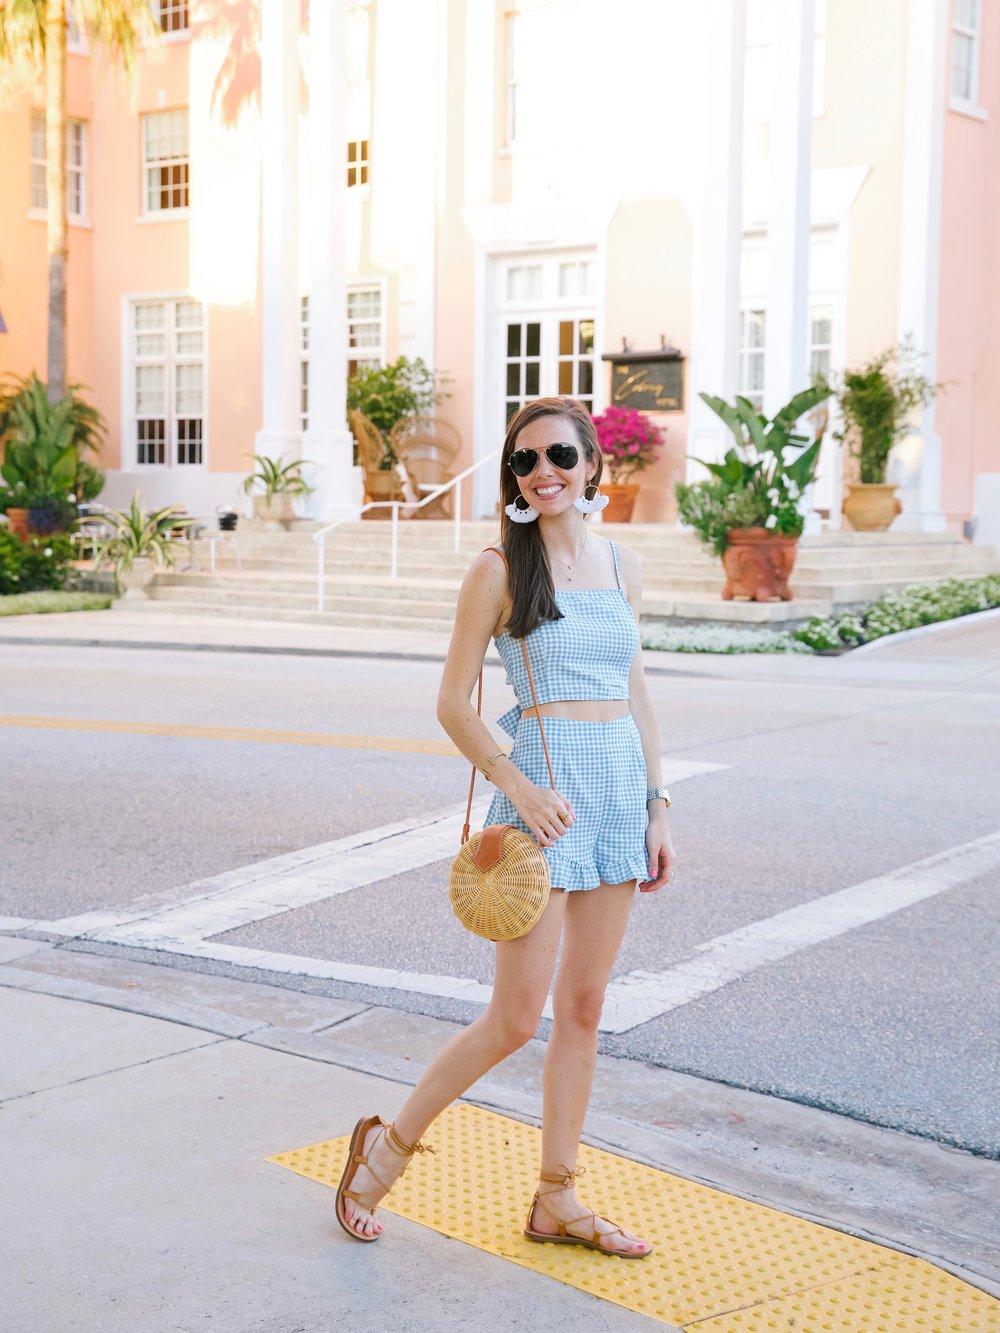 xLCB STYLE FASHION BLOGGER COLONY HOTEL PALM BEACH-19.jpg